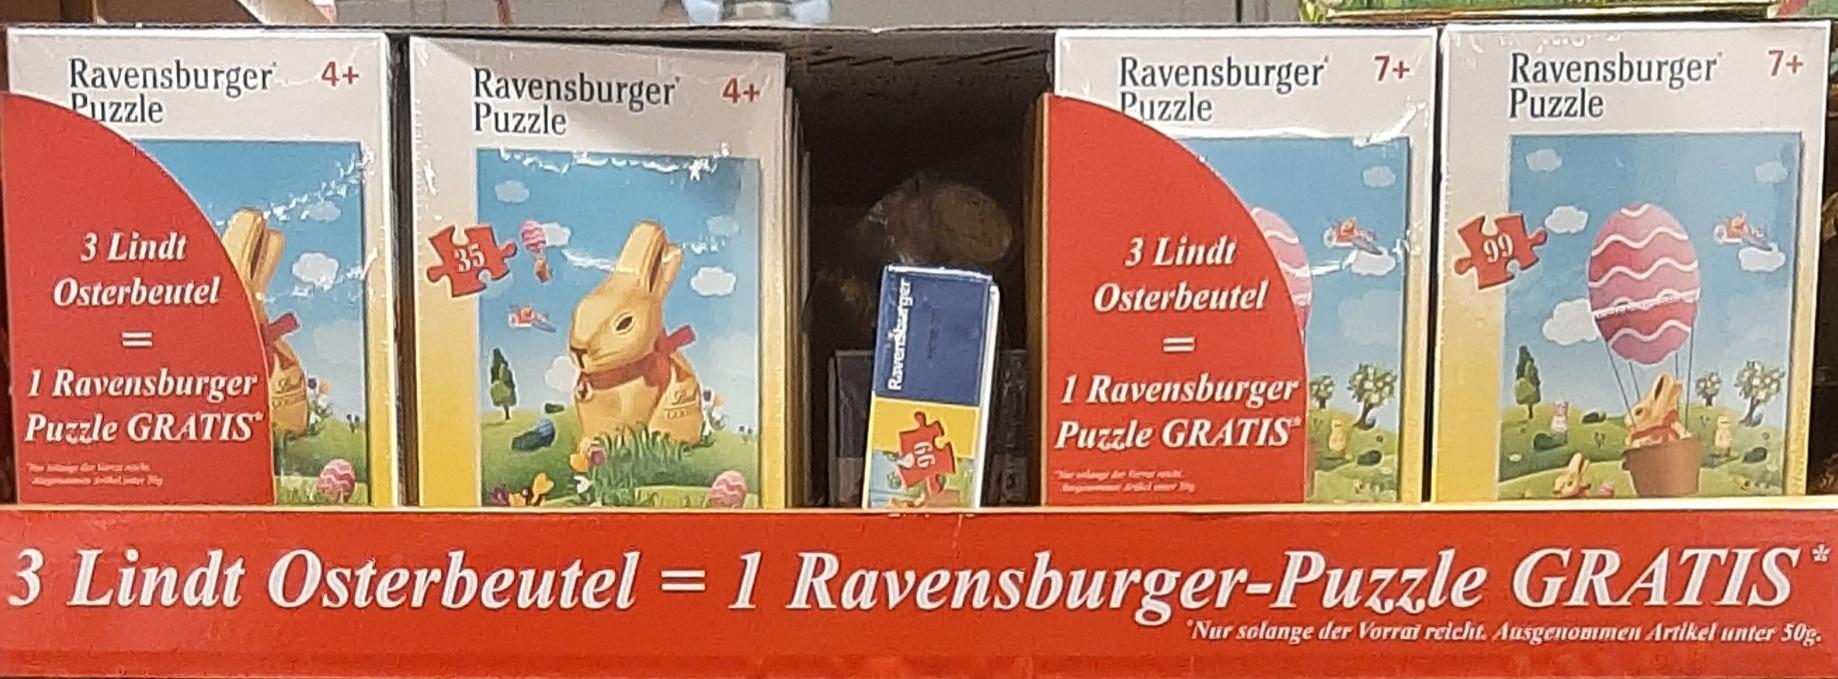 [Diverse Supermärkte Bundesweit] Lindt Osteraktion - 3 Osterbeutel kaufen & 1 Ravensburger Puzzle Gratis erhalten